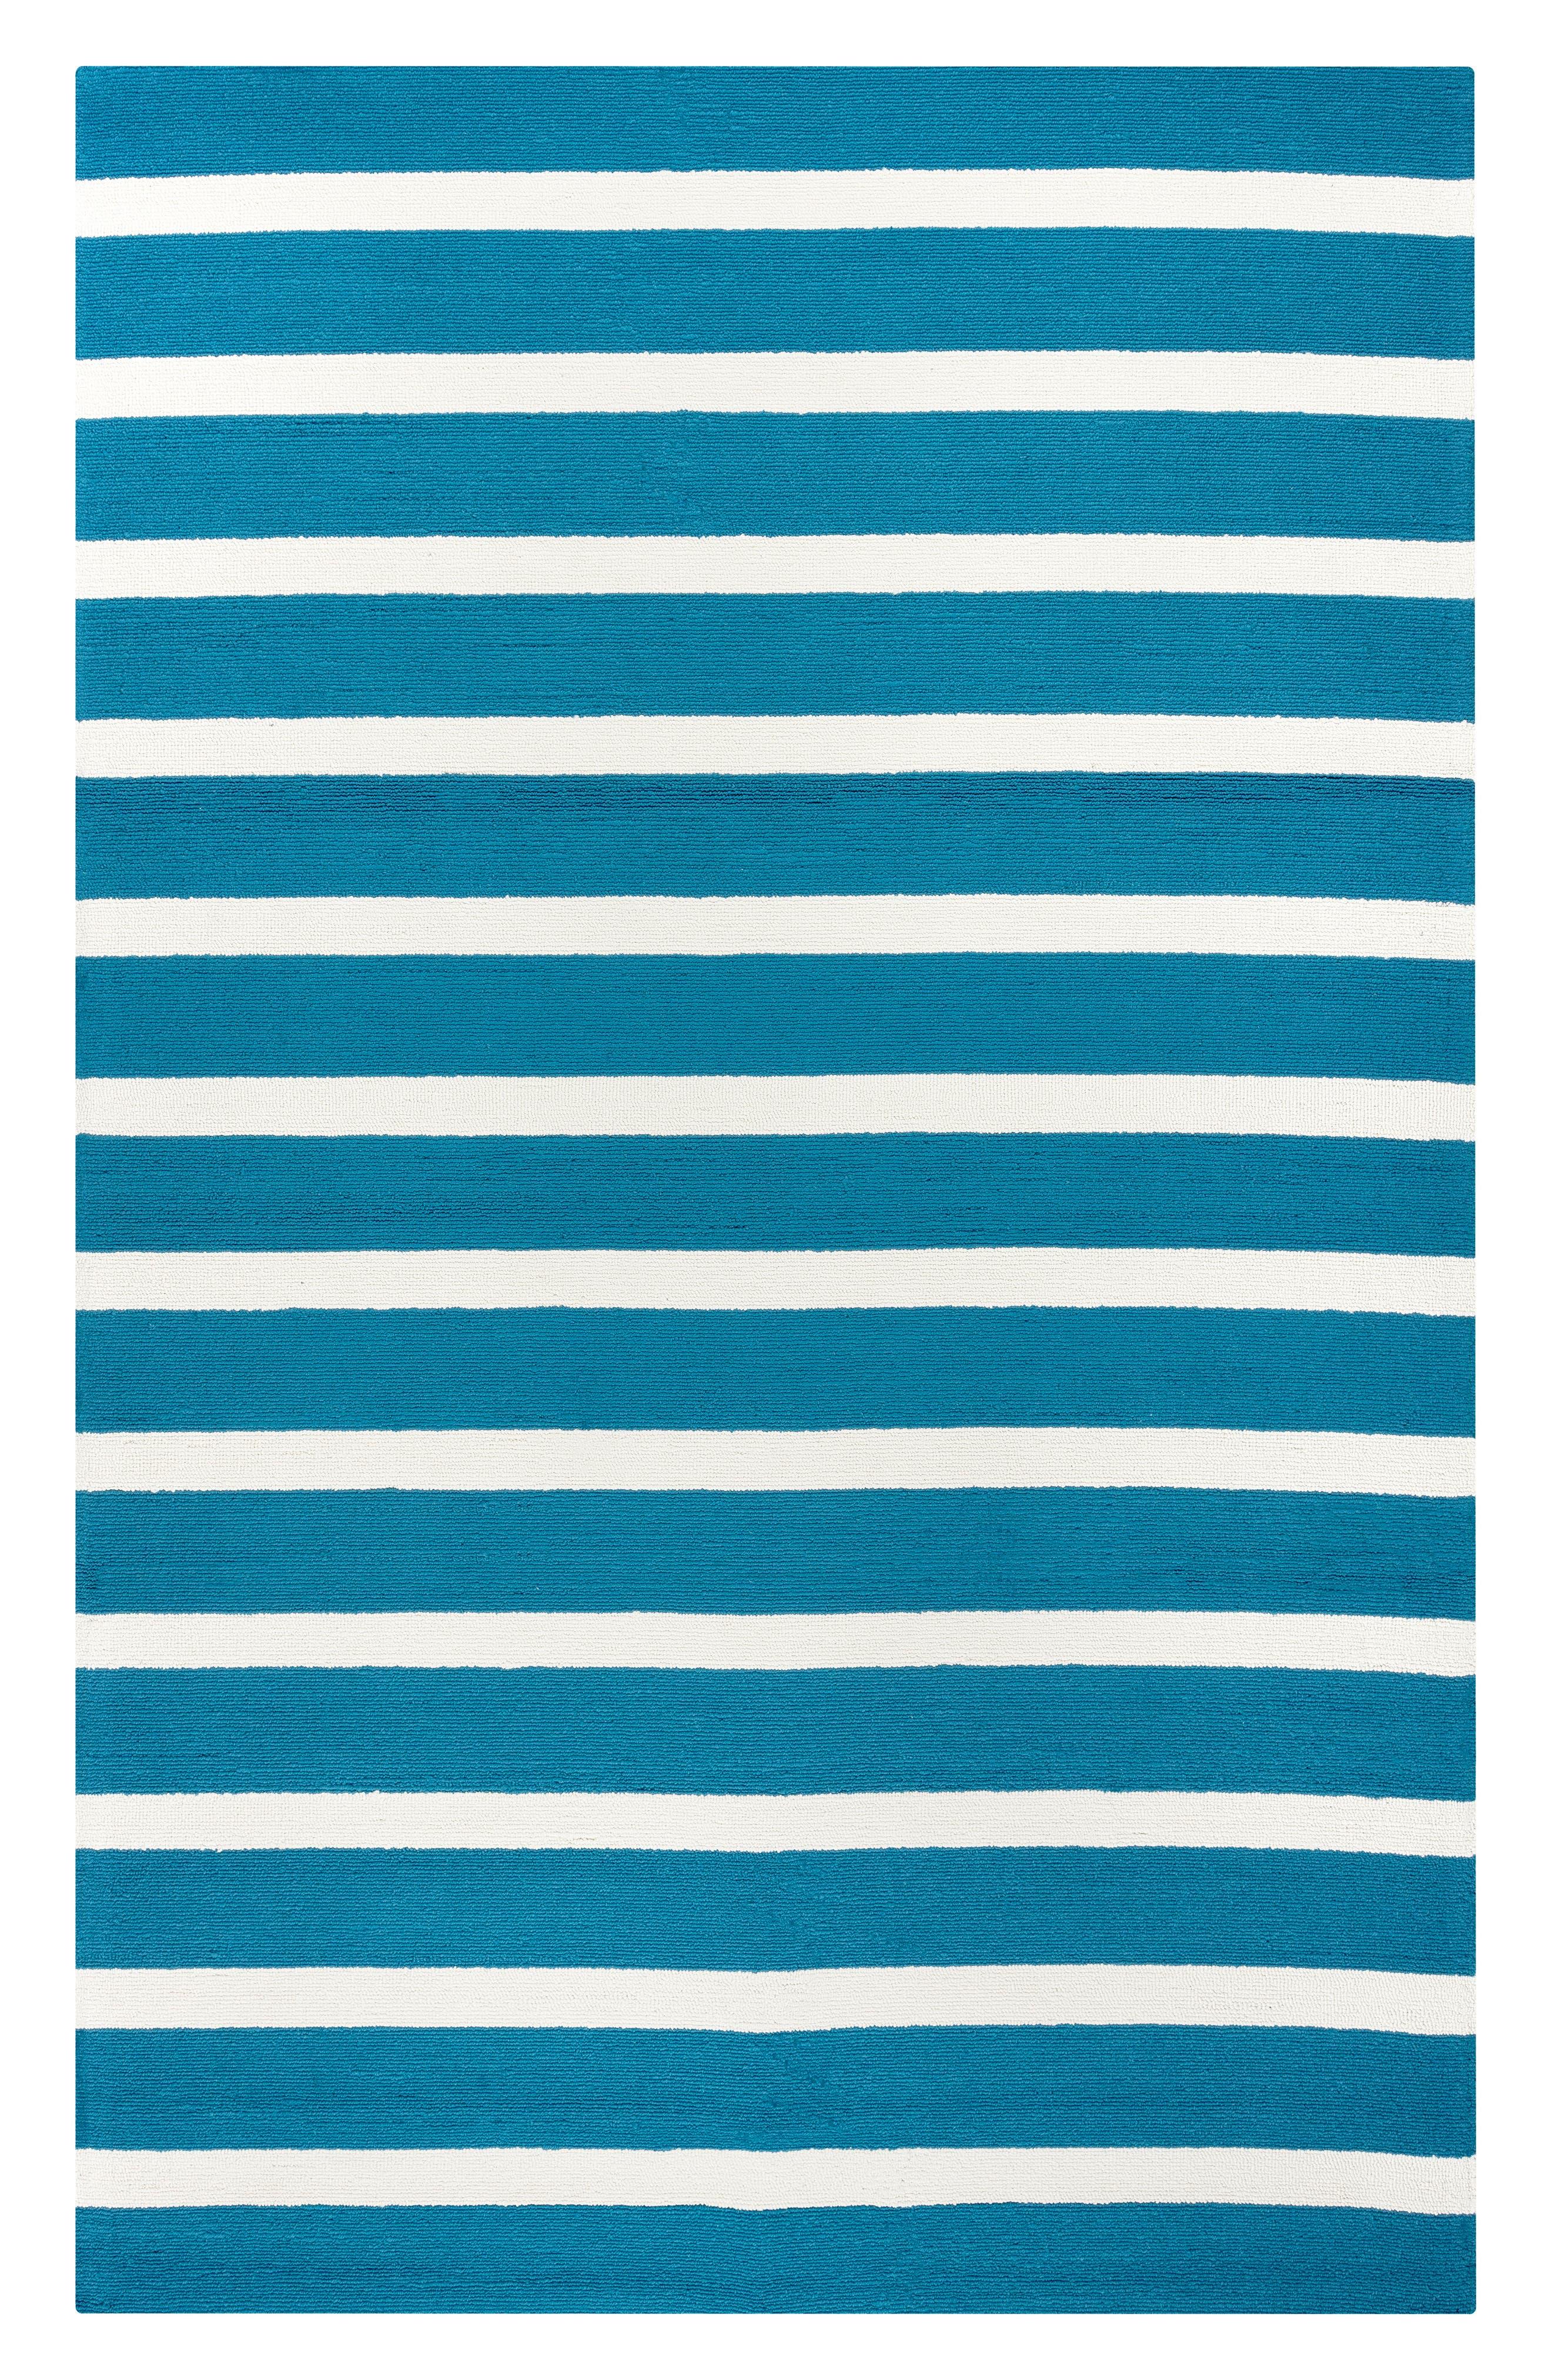 Azzura Hill Jenny Hand Tufted Rug,                             Main thumbnail 1, color,                             Marine Blue